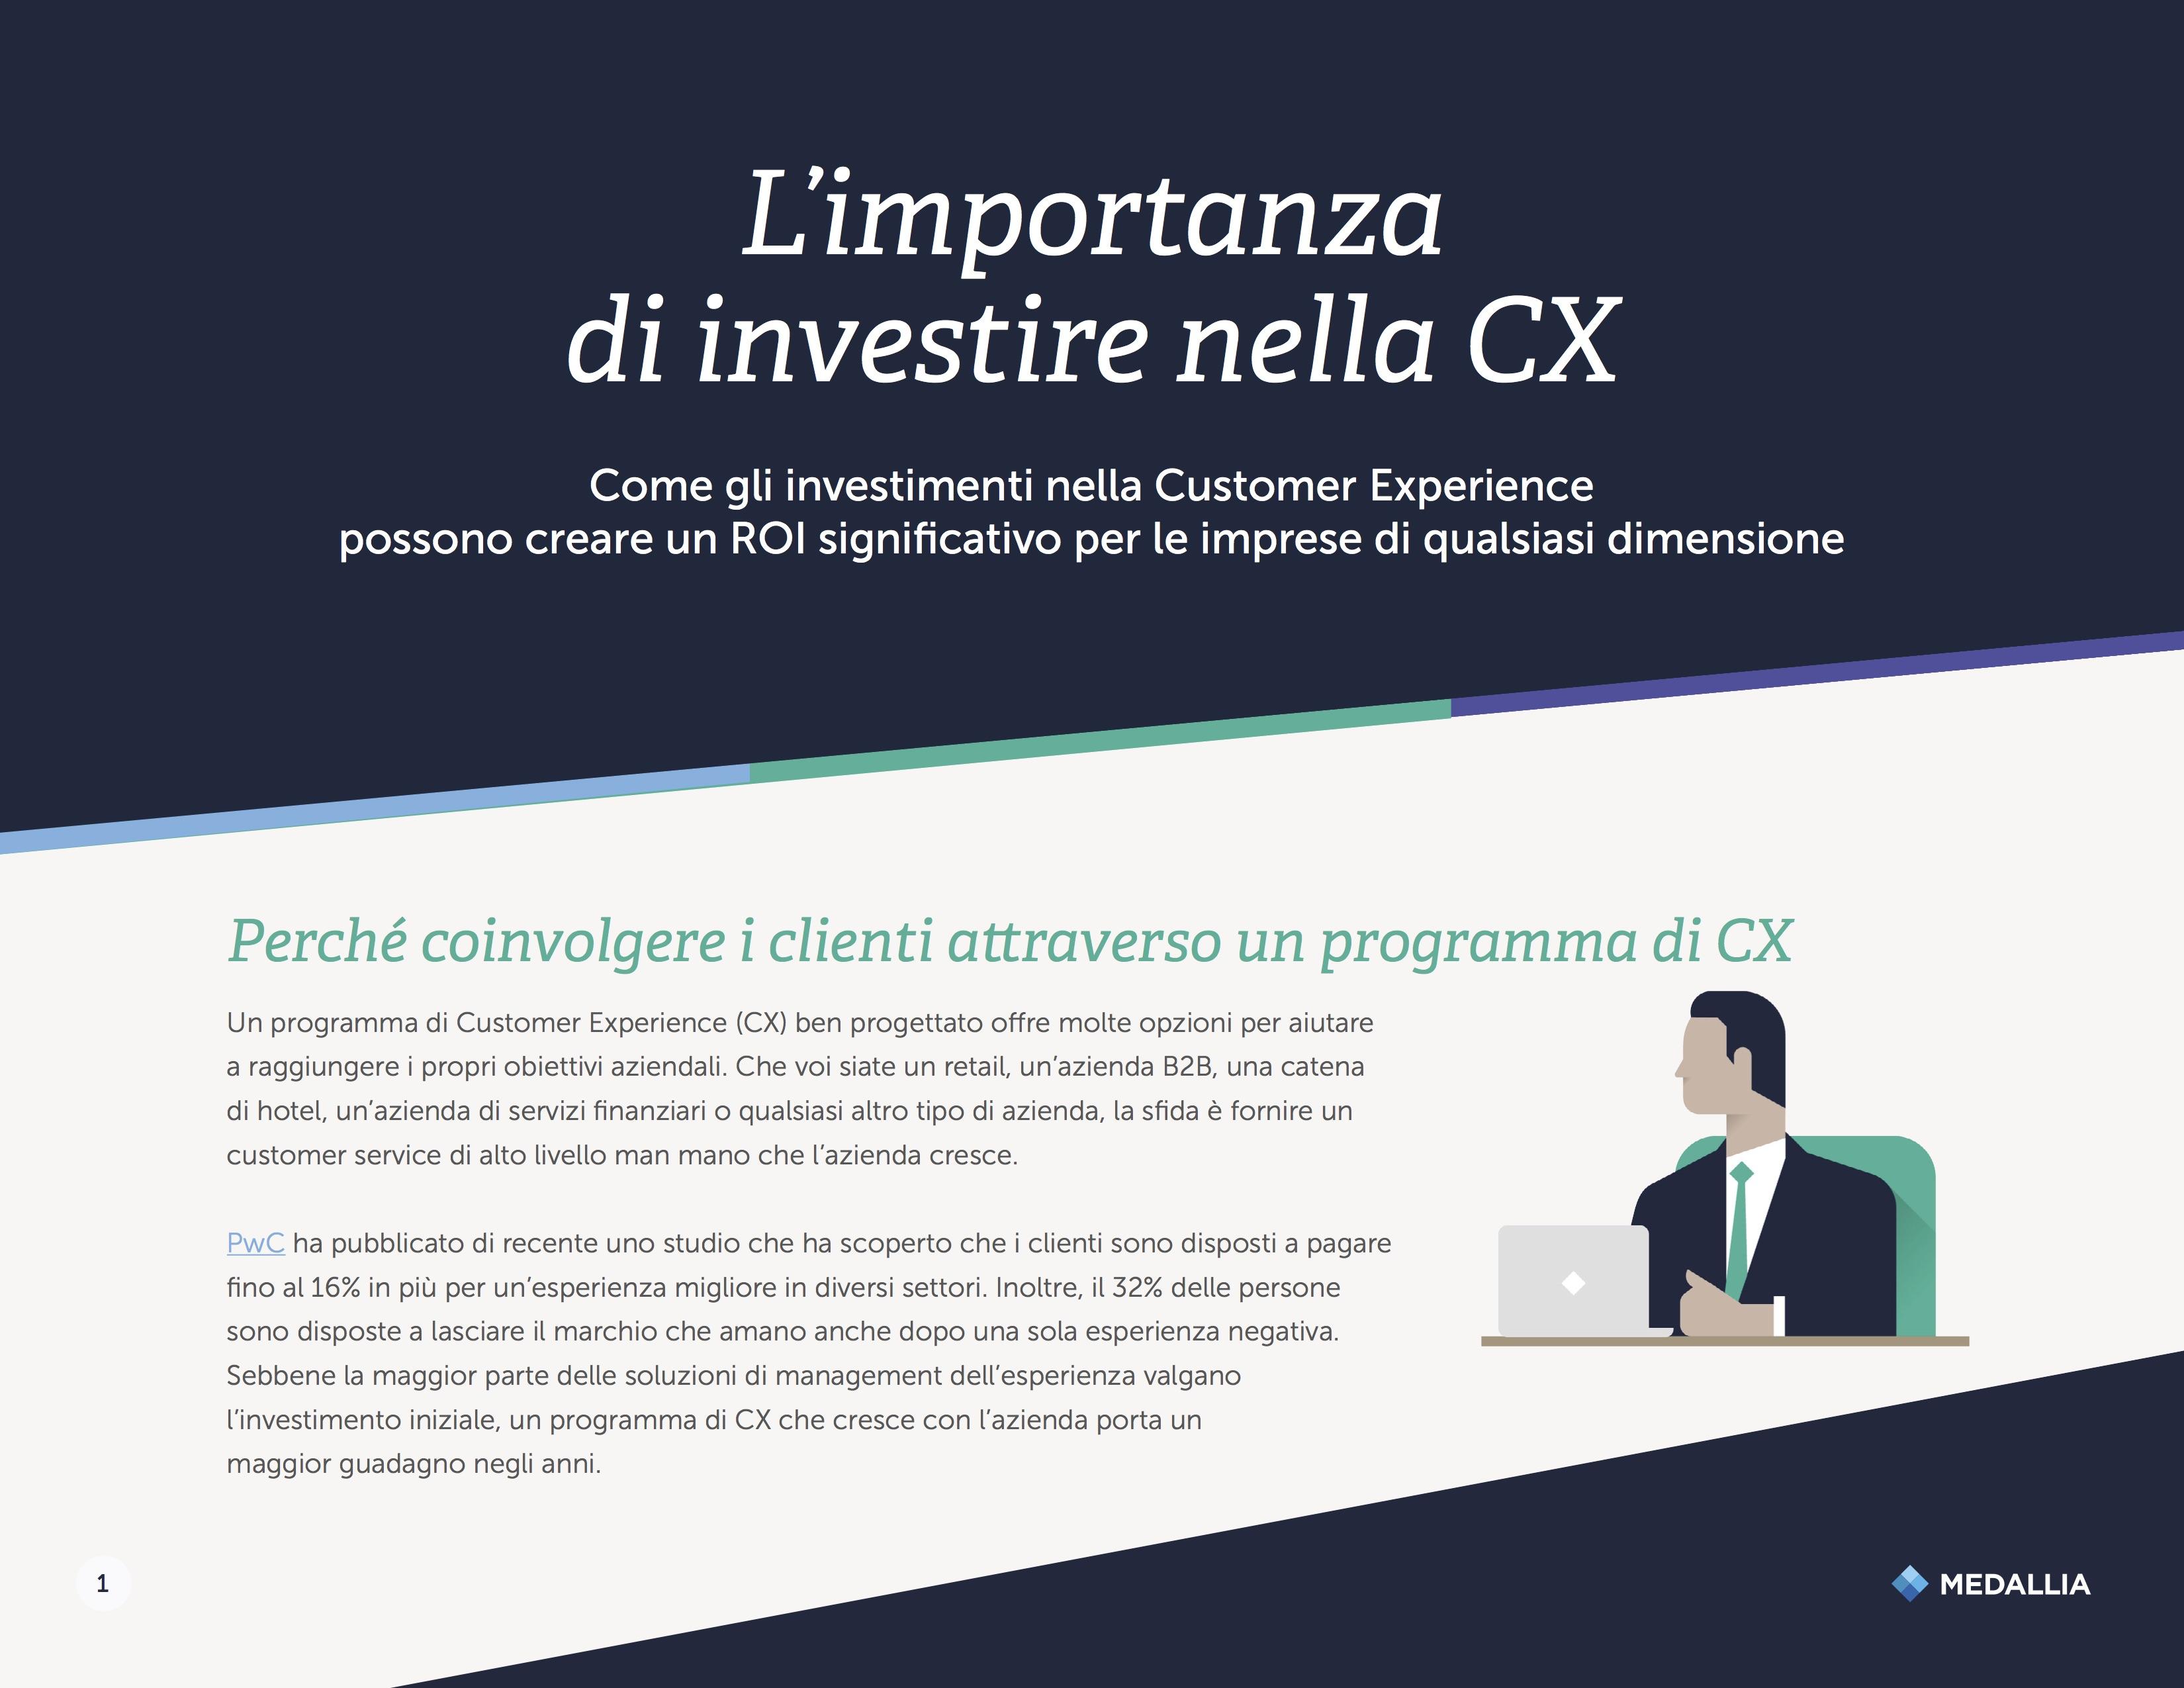 L'importanza di investire nella Customer Experience